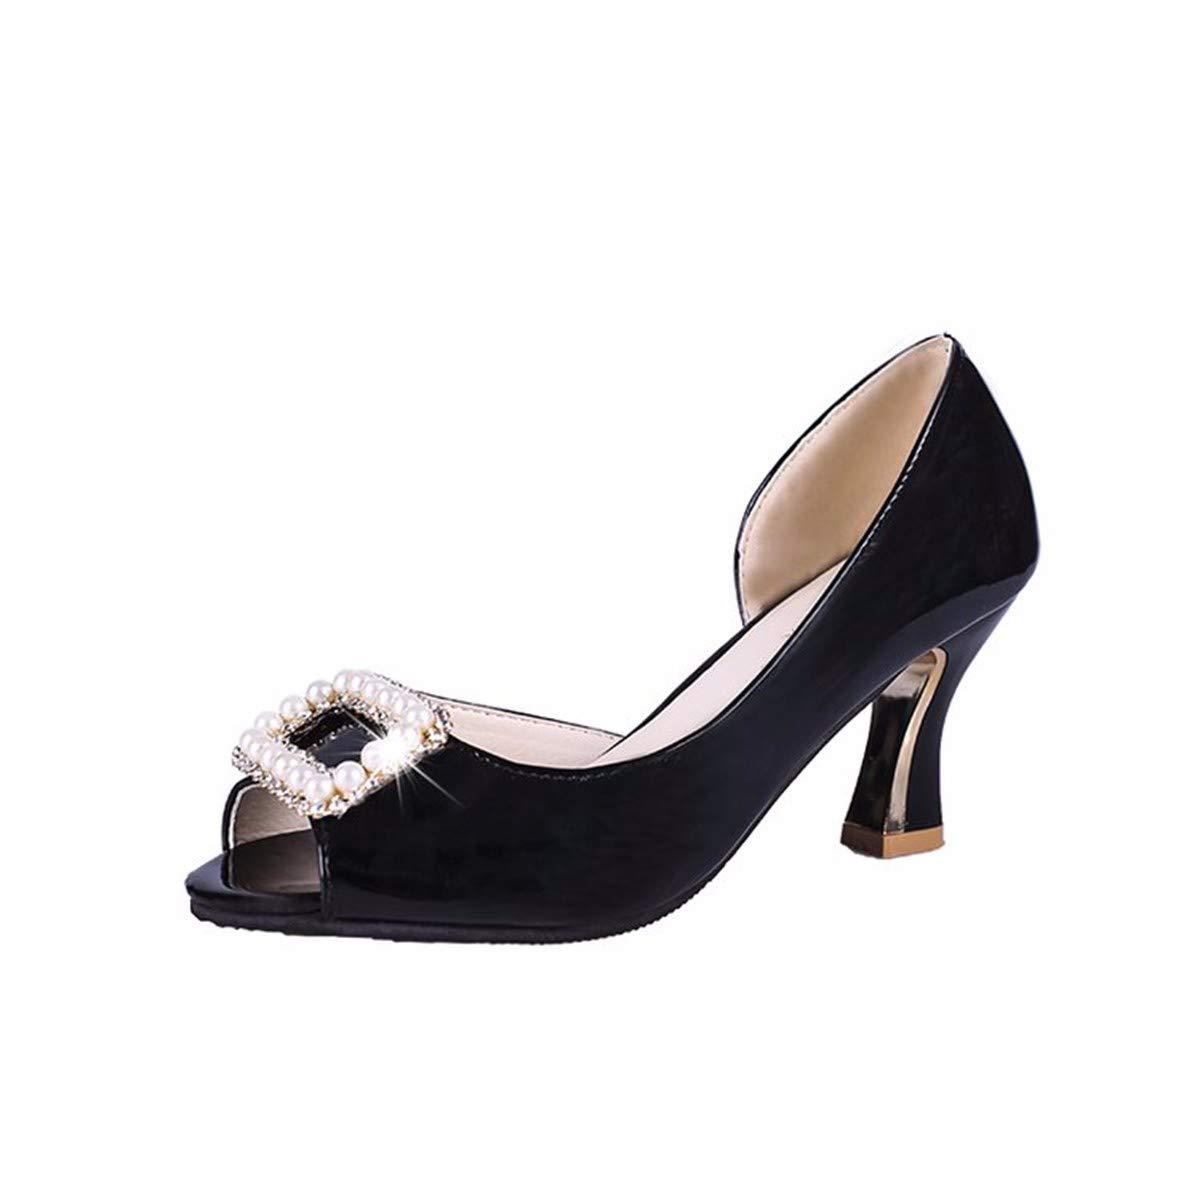 GTVERNH Damenschuhe/Mode/Sommer - Ferse und Fisch Mund Schuhe Pearl Wasser Bohren Flachen Mund Komfortable Damenschuhe.